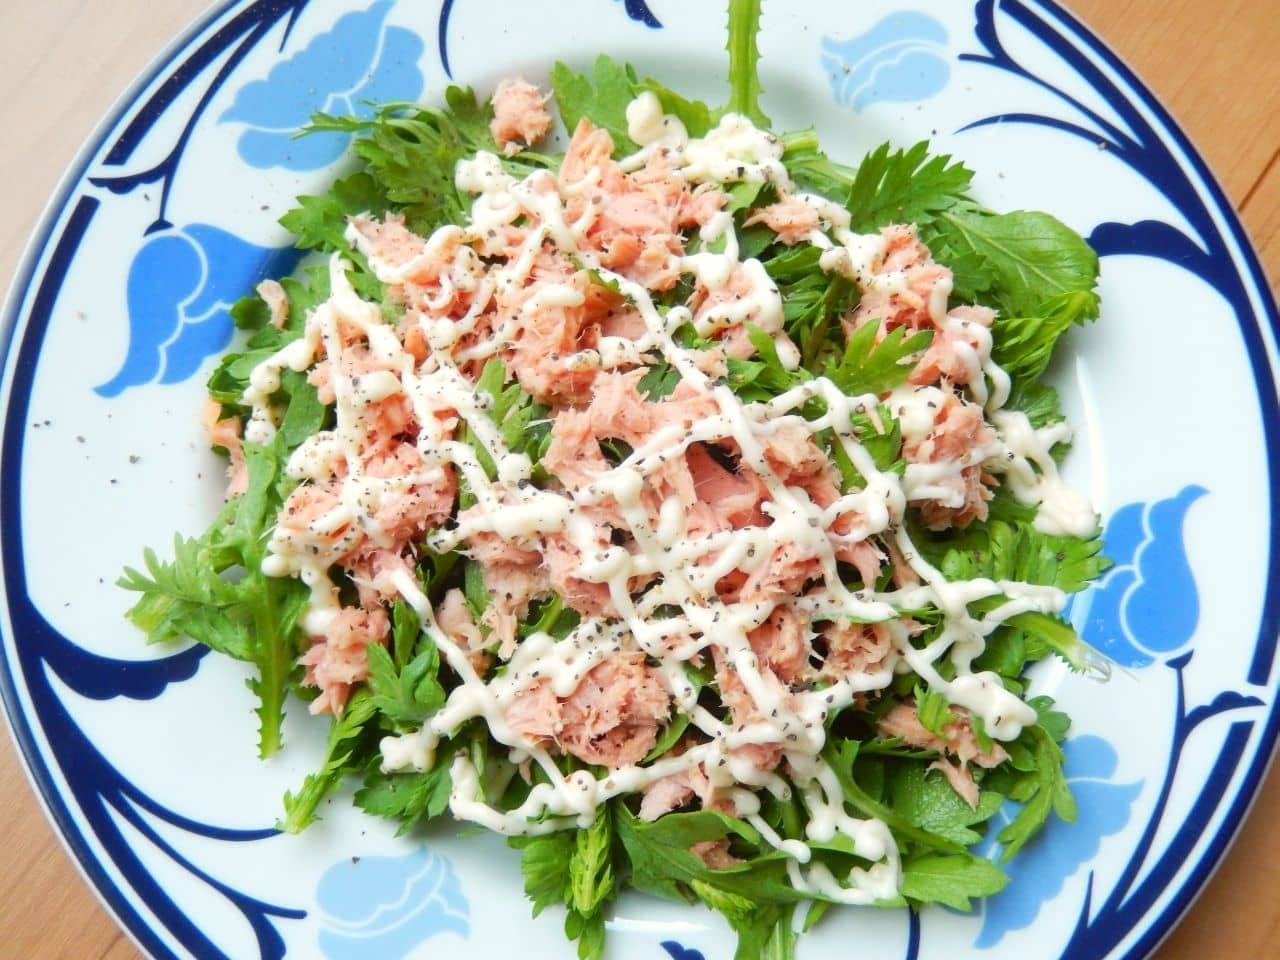 「生春菊とツナマヨのサラダ」の簡単レシピ